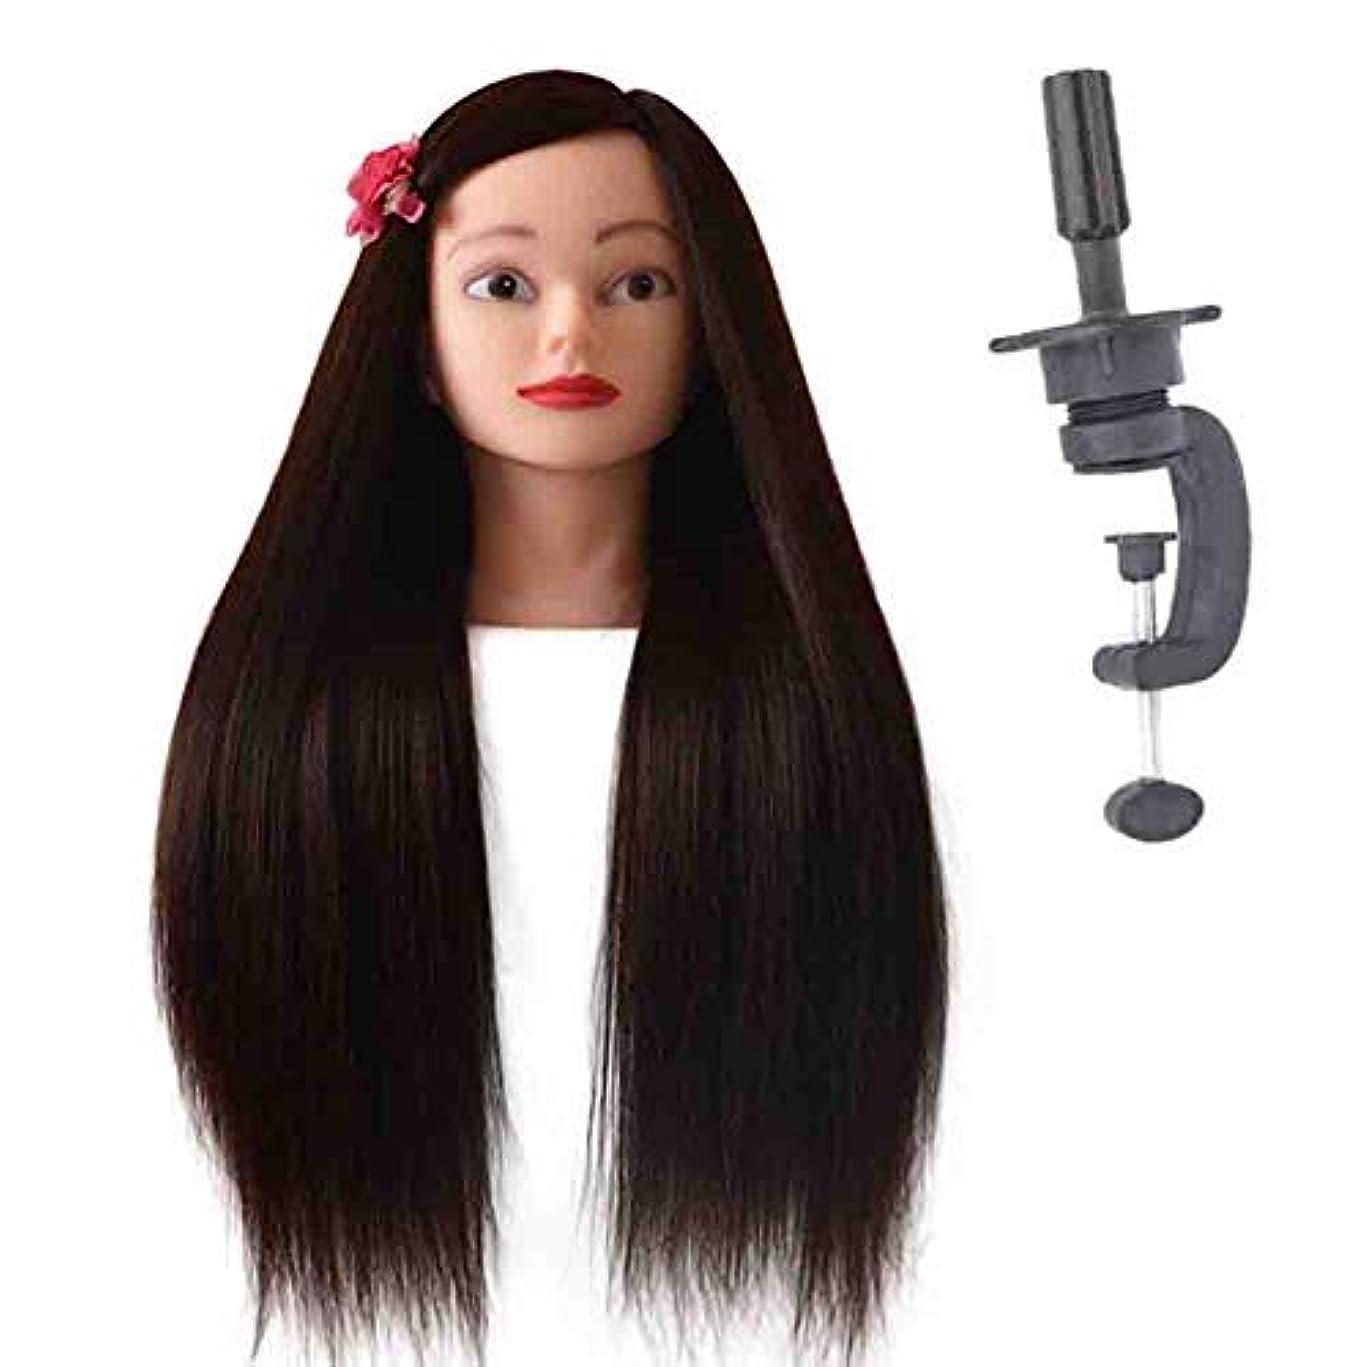 ジレンマジレンマバッジトウモロコシホットシミュレーションヘアメイクヘアプレートヘアダミー練習ヘッド金型理髪店初心者トリムヘアトレーニングヘッド